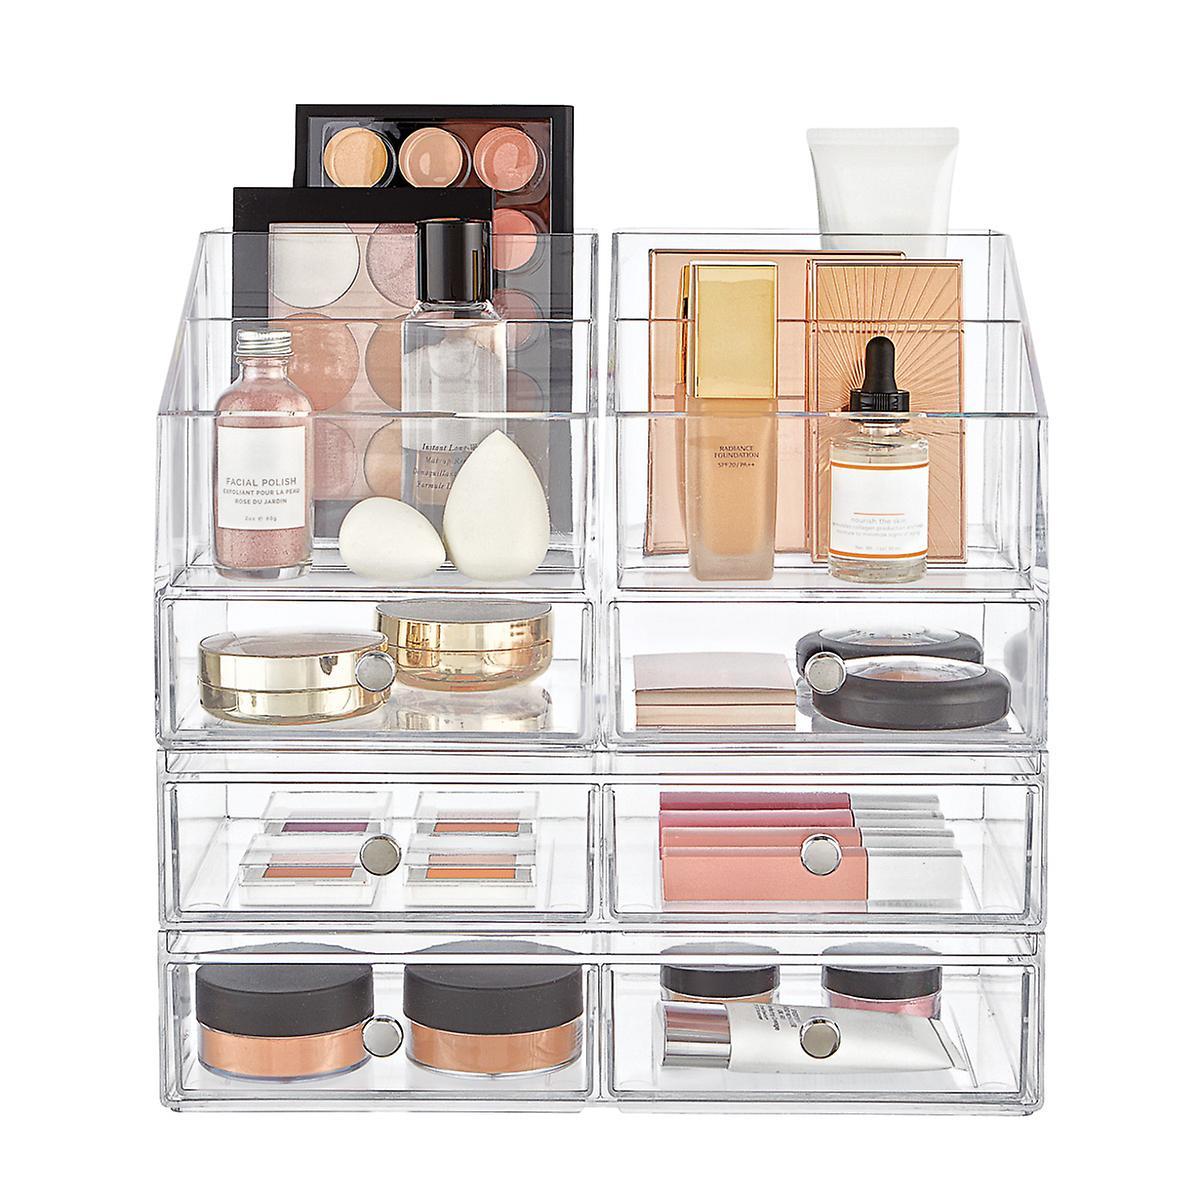 InterDesign Clarity Large Makeup & Skincare Storage Starter Kit